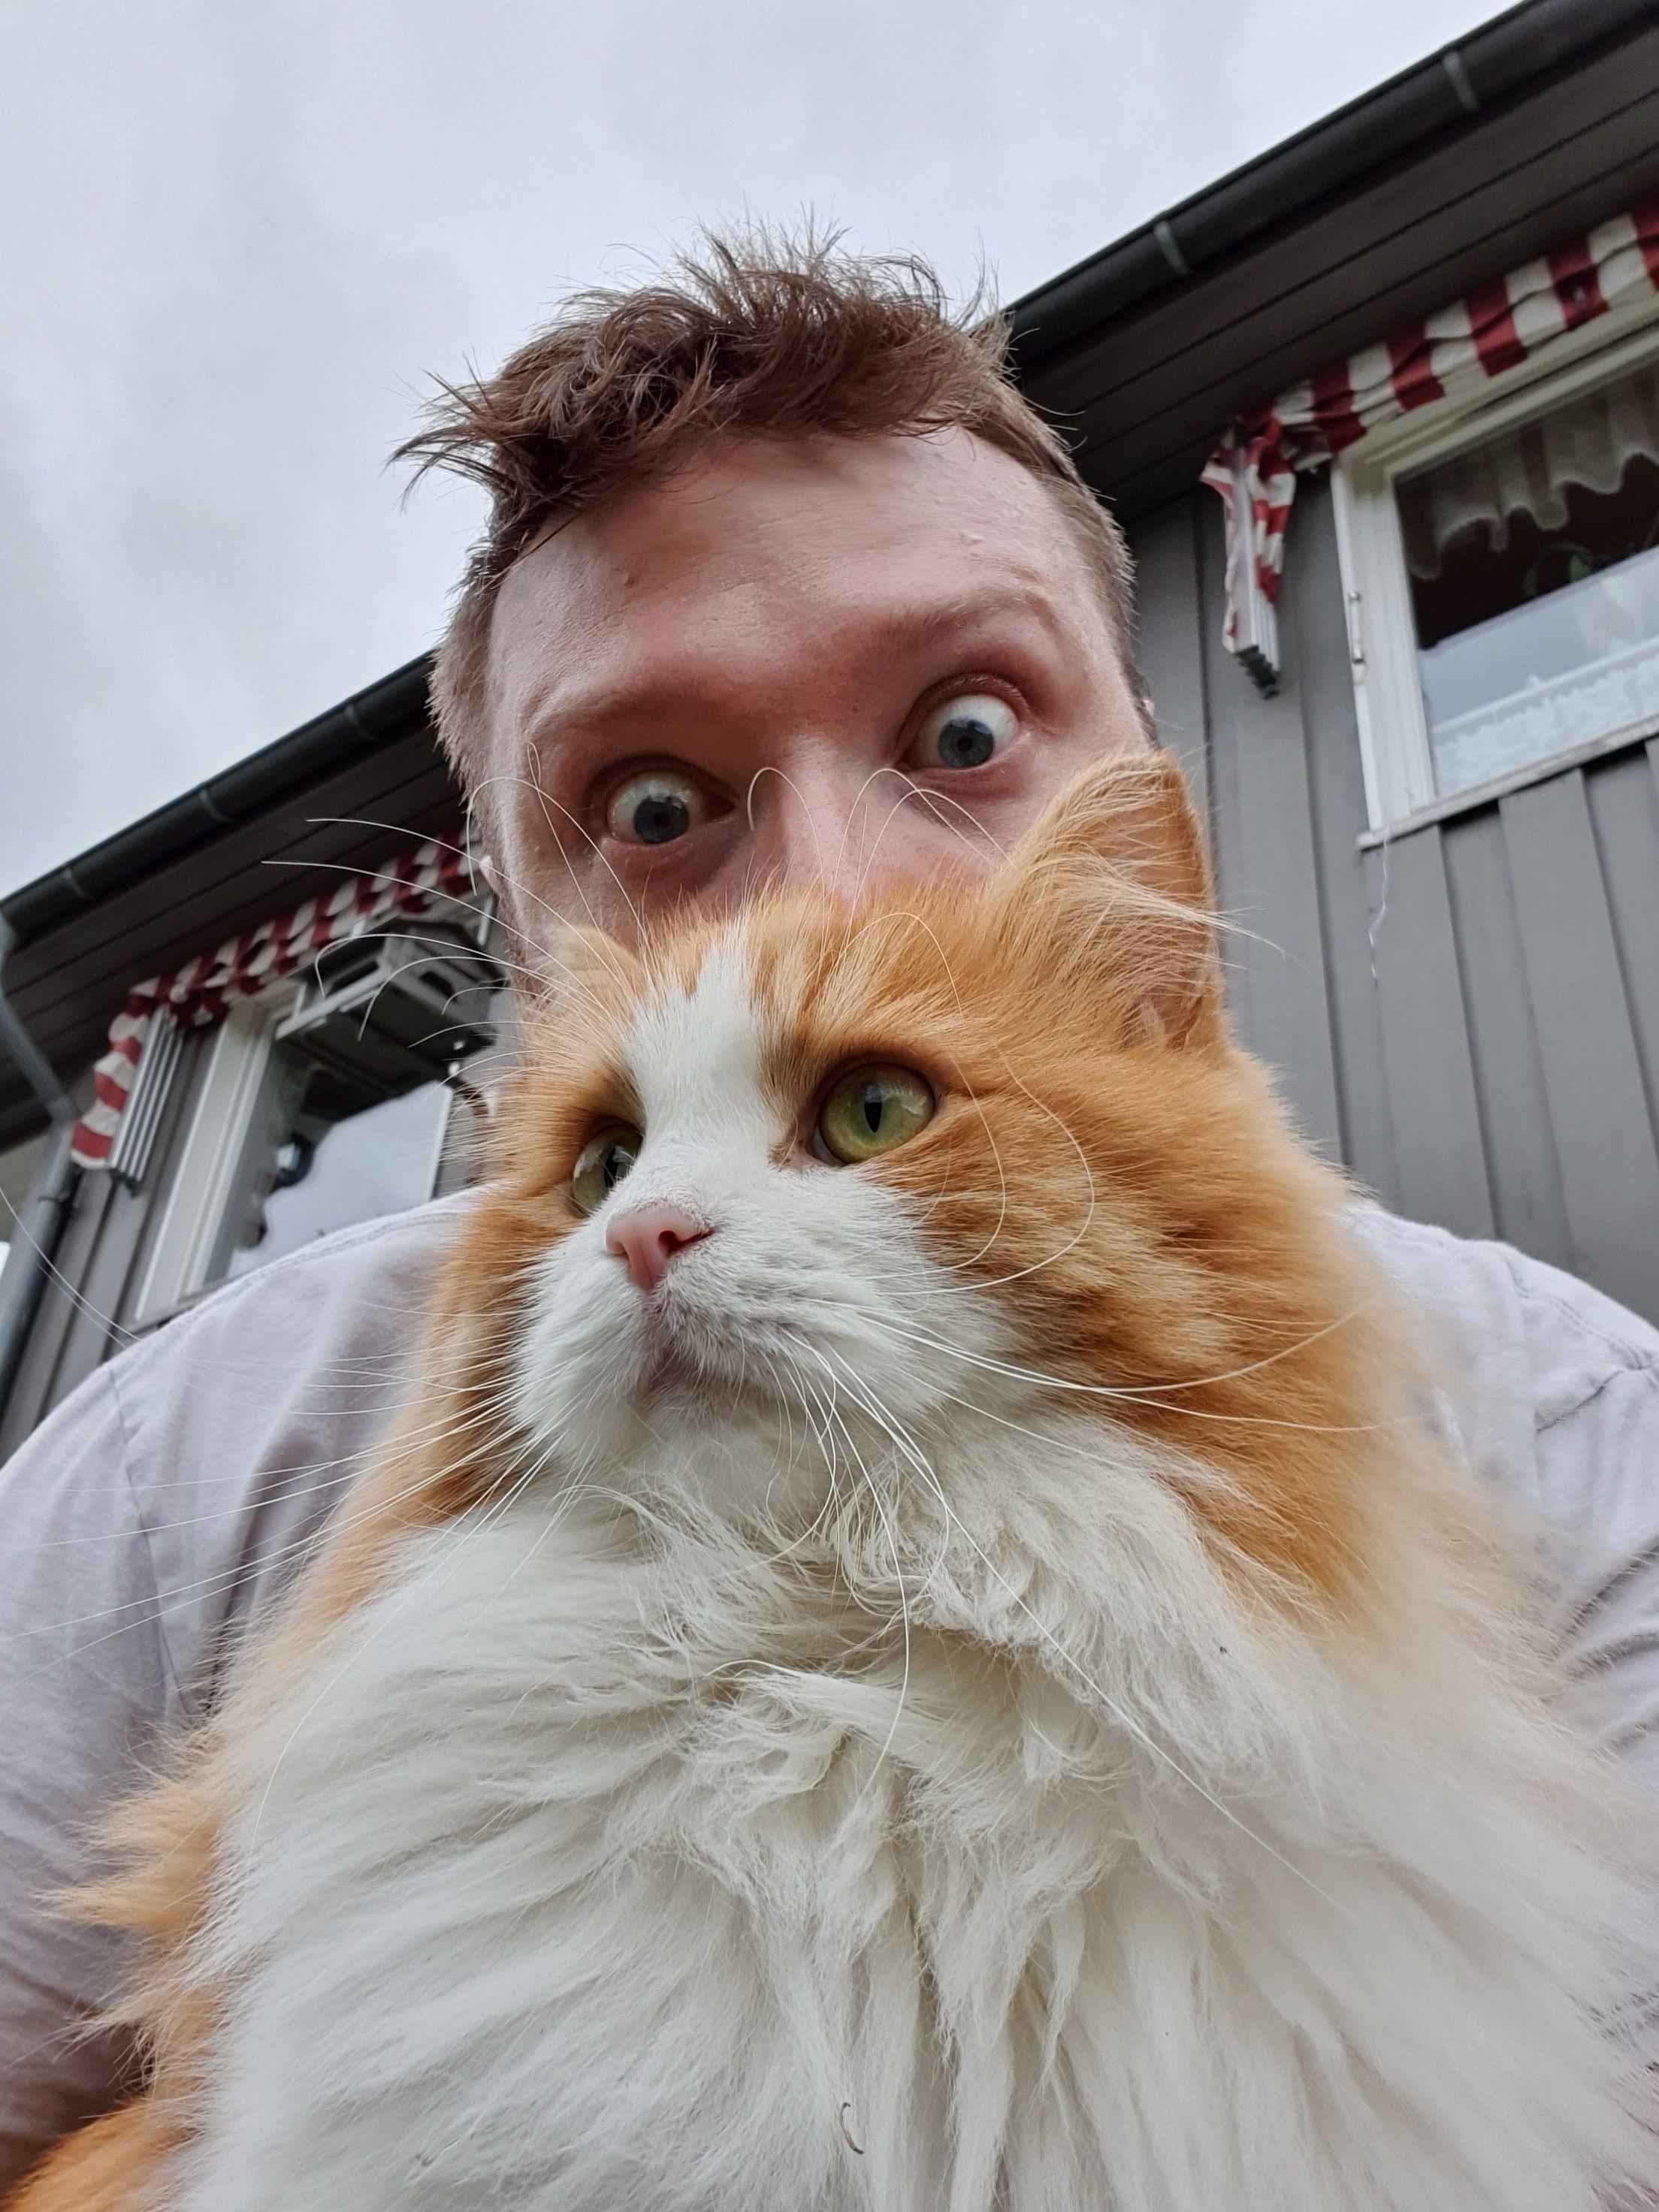 Også selfiekameraet tar ålreite bilder - litt avhengig av hva du plasserer foran det.